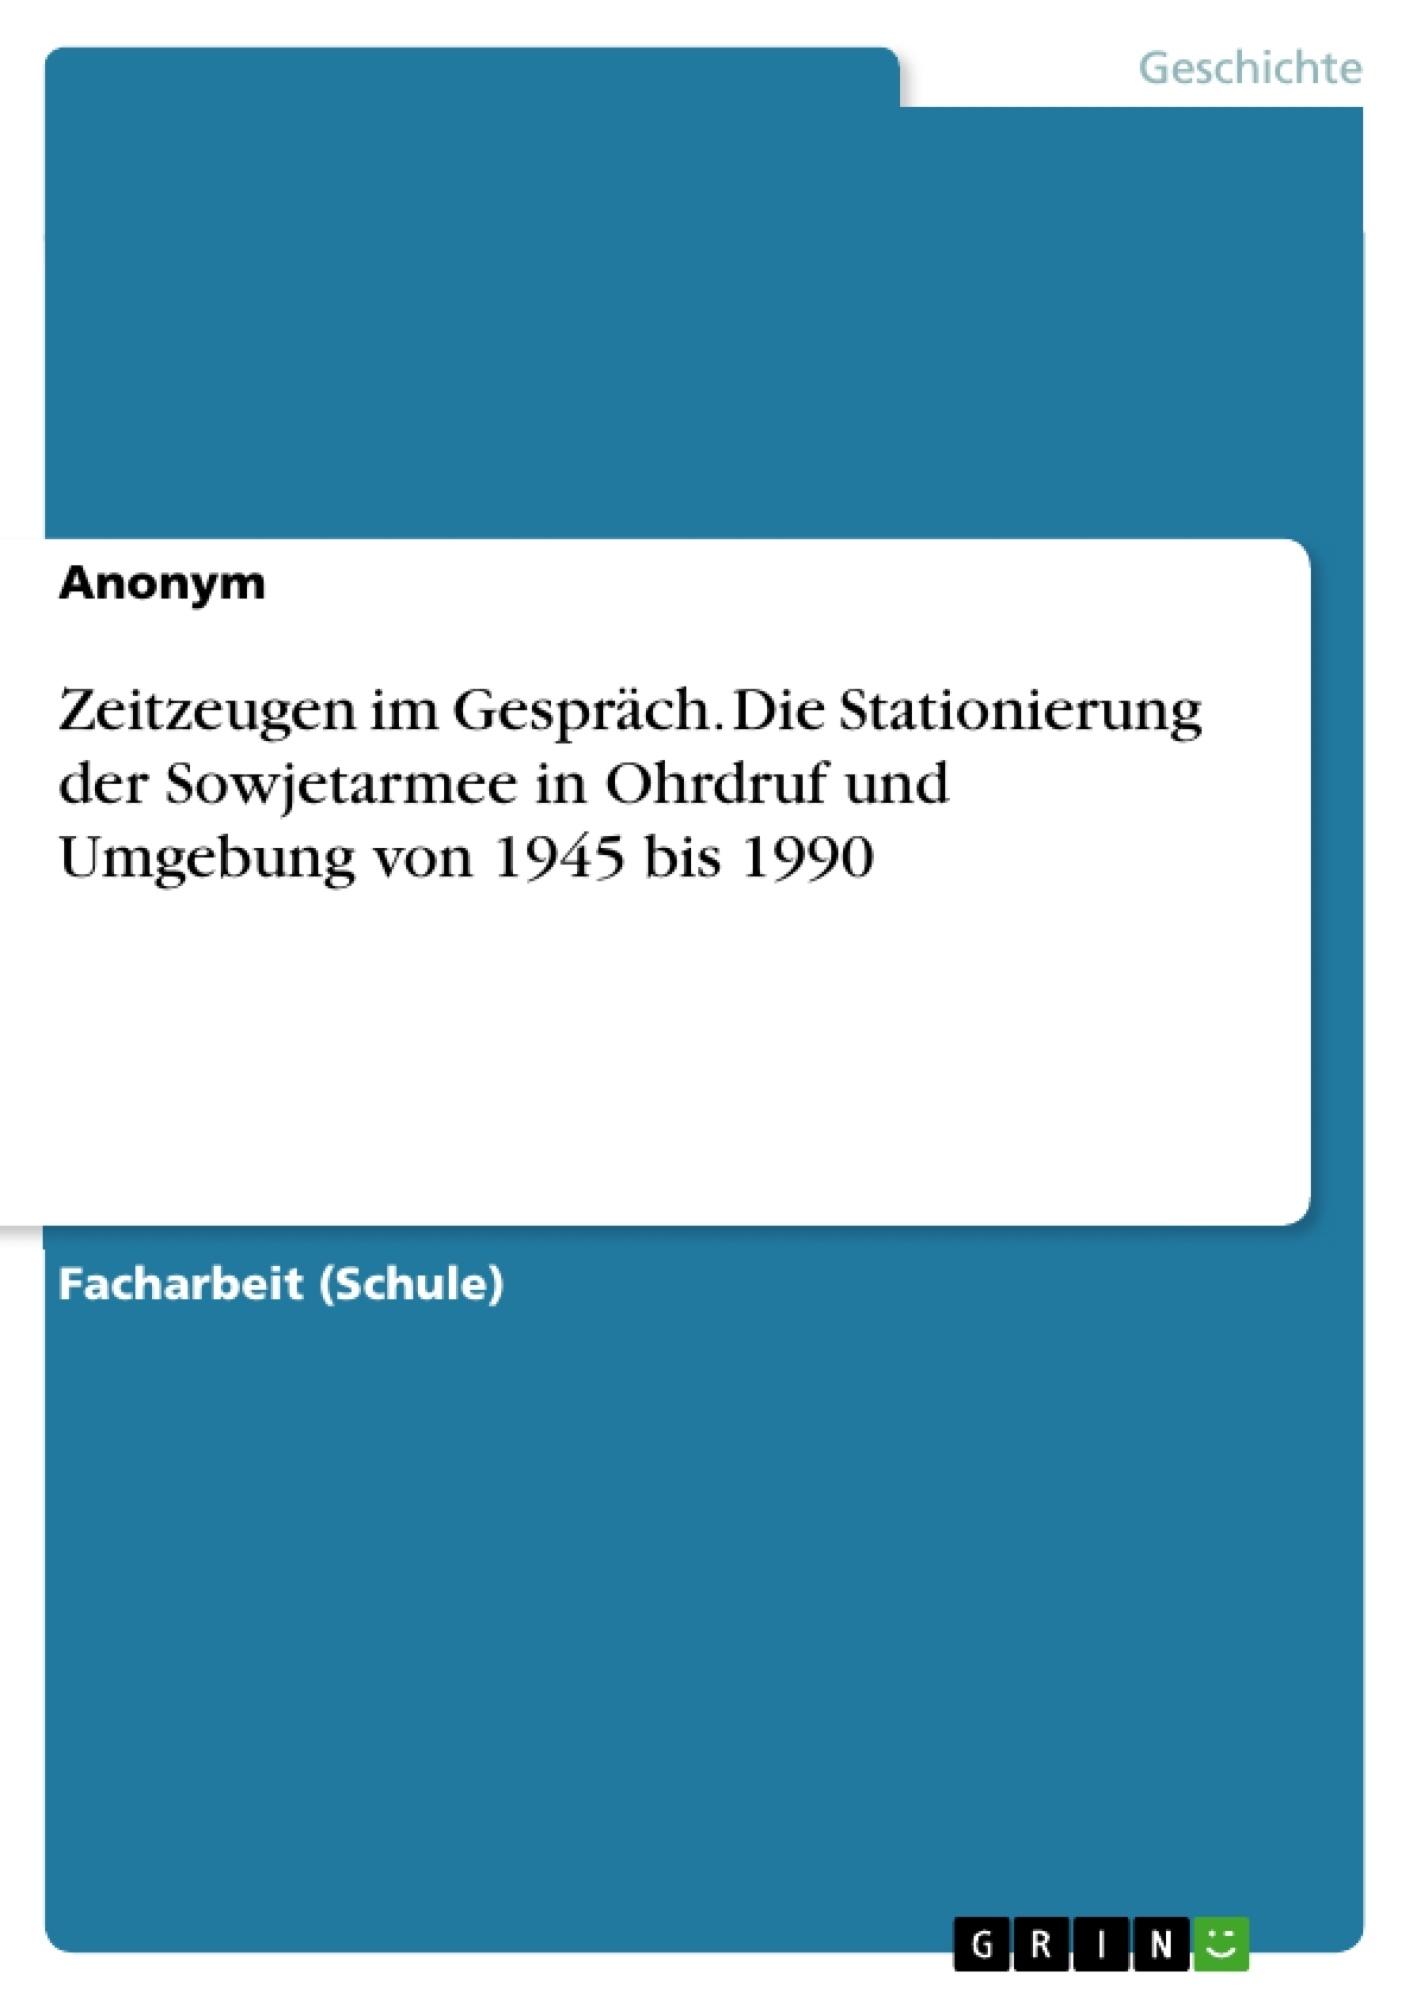 Titel: Zeitzeugen im Gespräch. Die Stationierung der Sowjetarmee in Ohrdruf und Umgebung von 1945 bis 1990